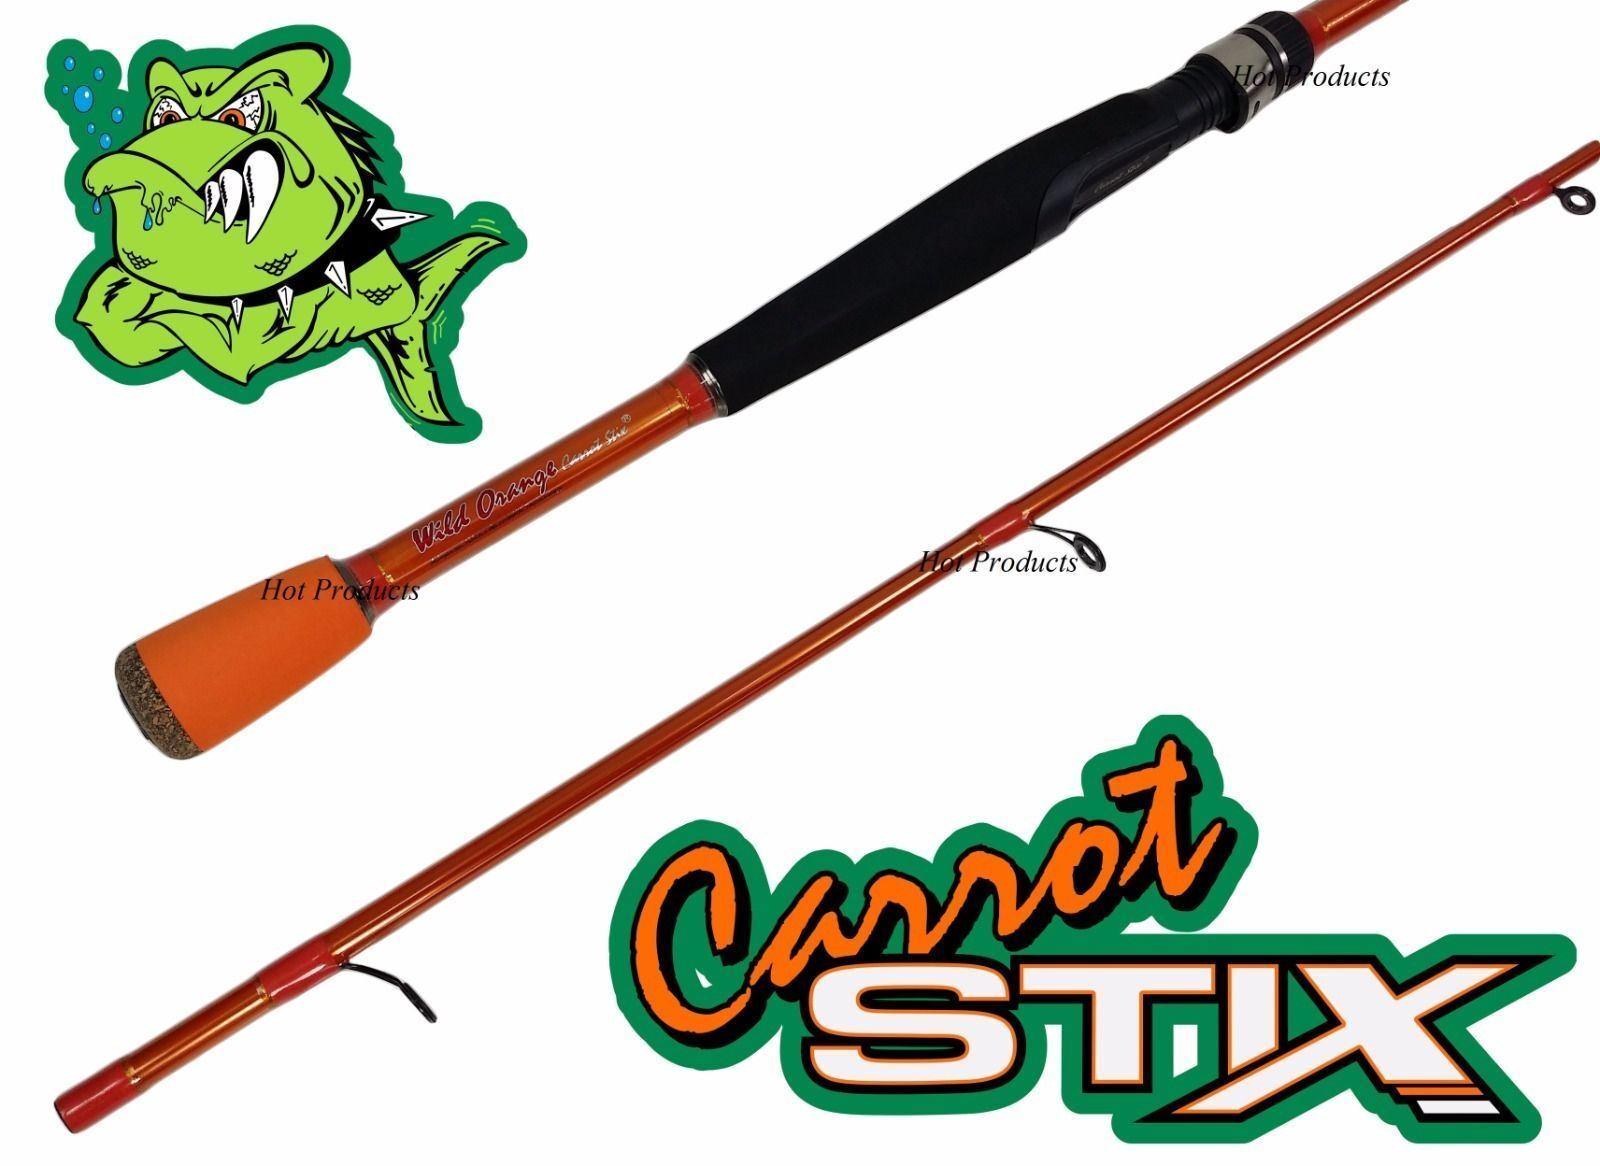 COLLAPSIBLE Carrot Stix SPINNING 7 'MEDIUM Wild Orange Fishing Rod C2WX702M -MF -S